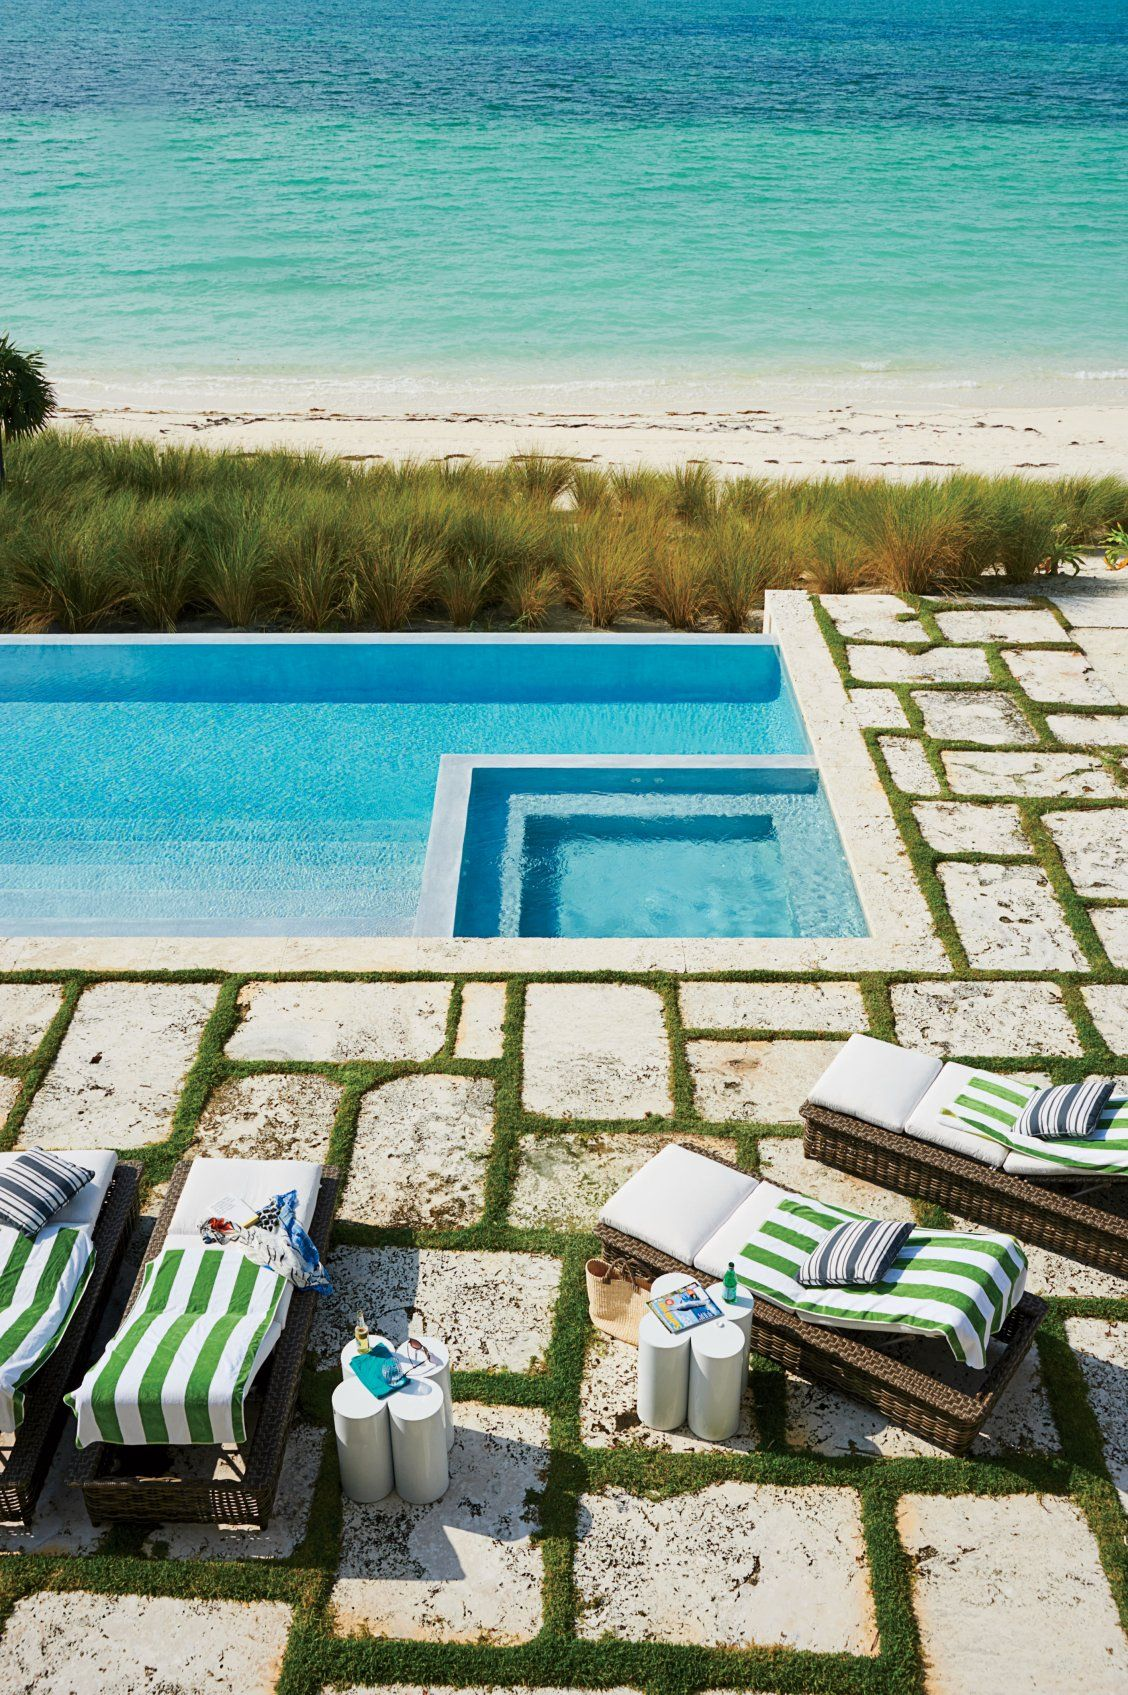 Tour the Bahamas Beach House of